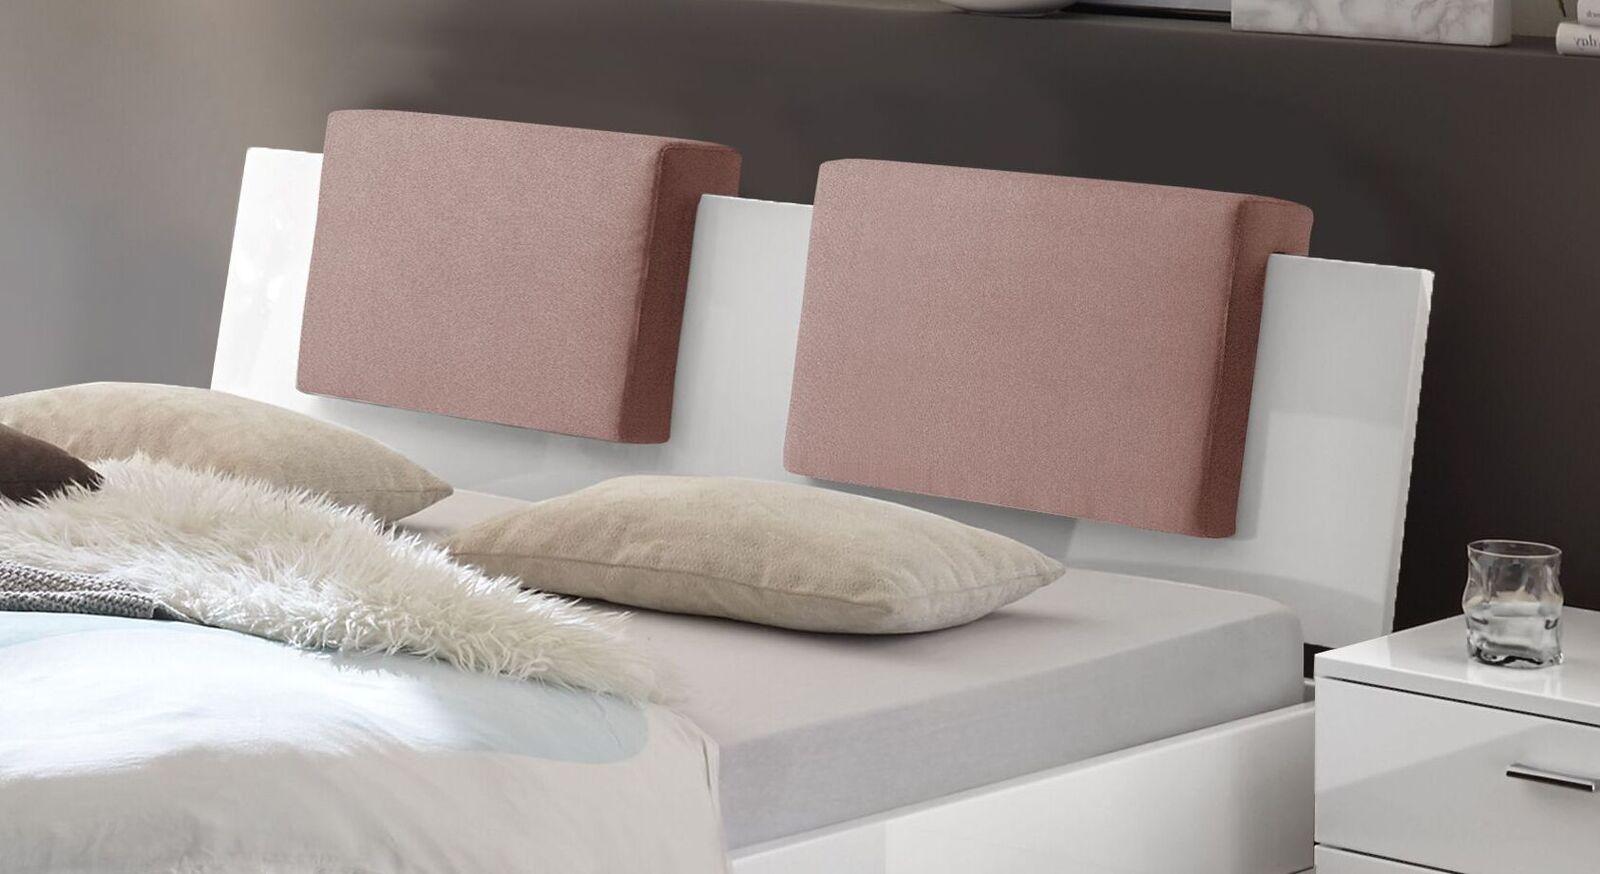 Einsteck-Kissen Rimini Samt mit Schaumstoff-Polsterung